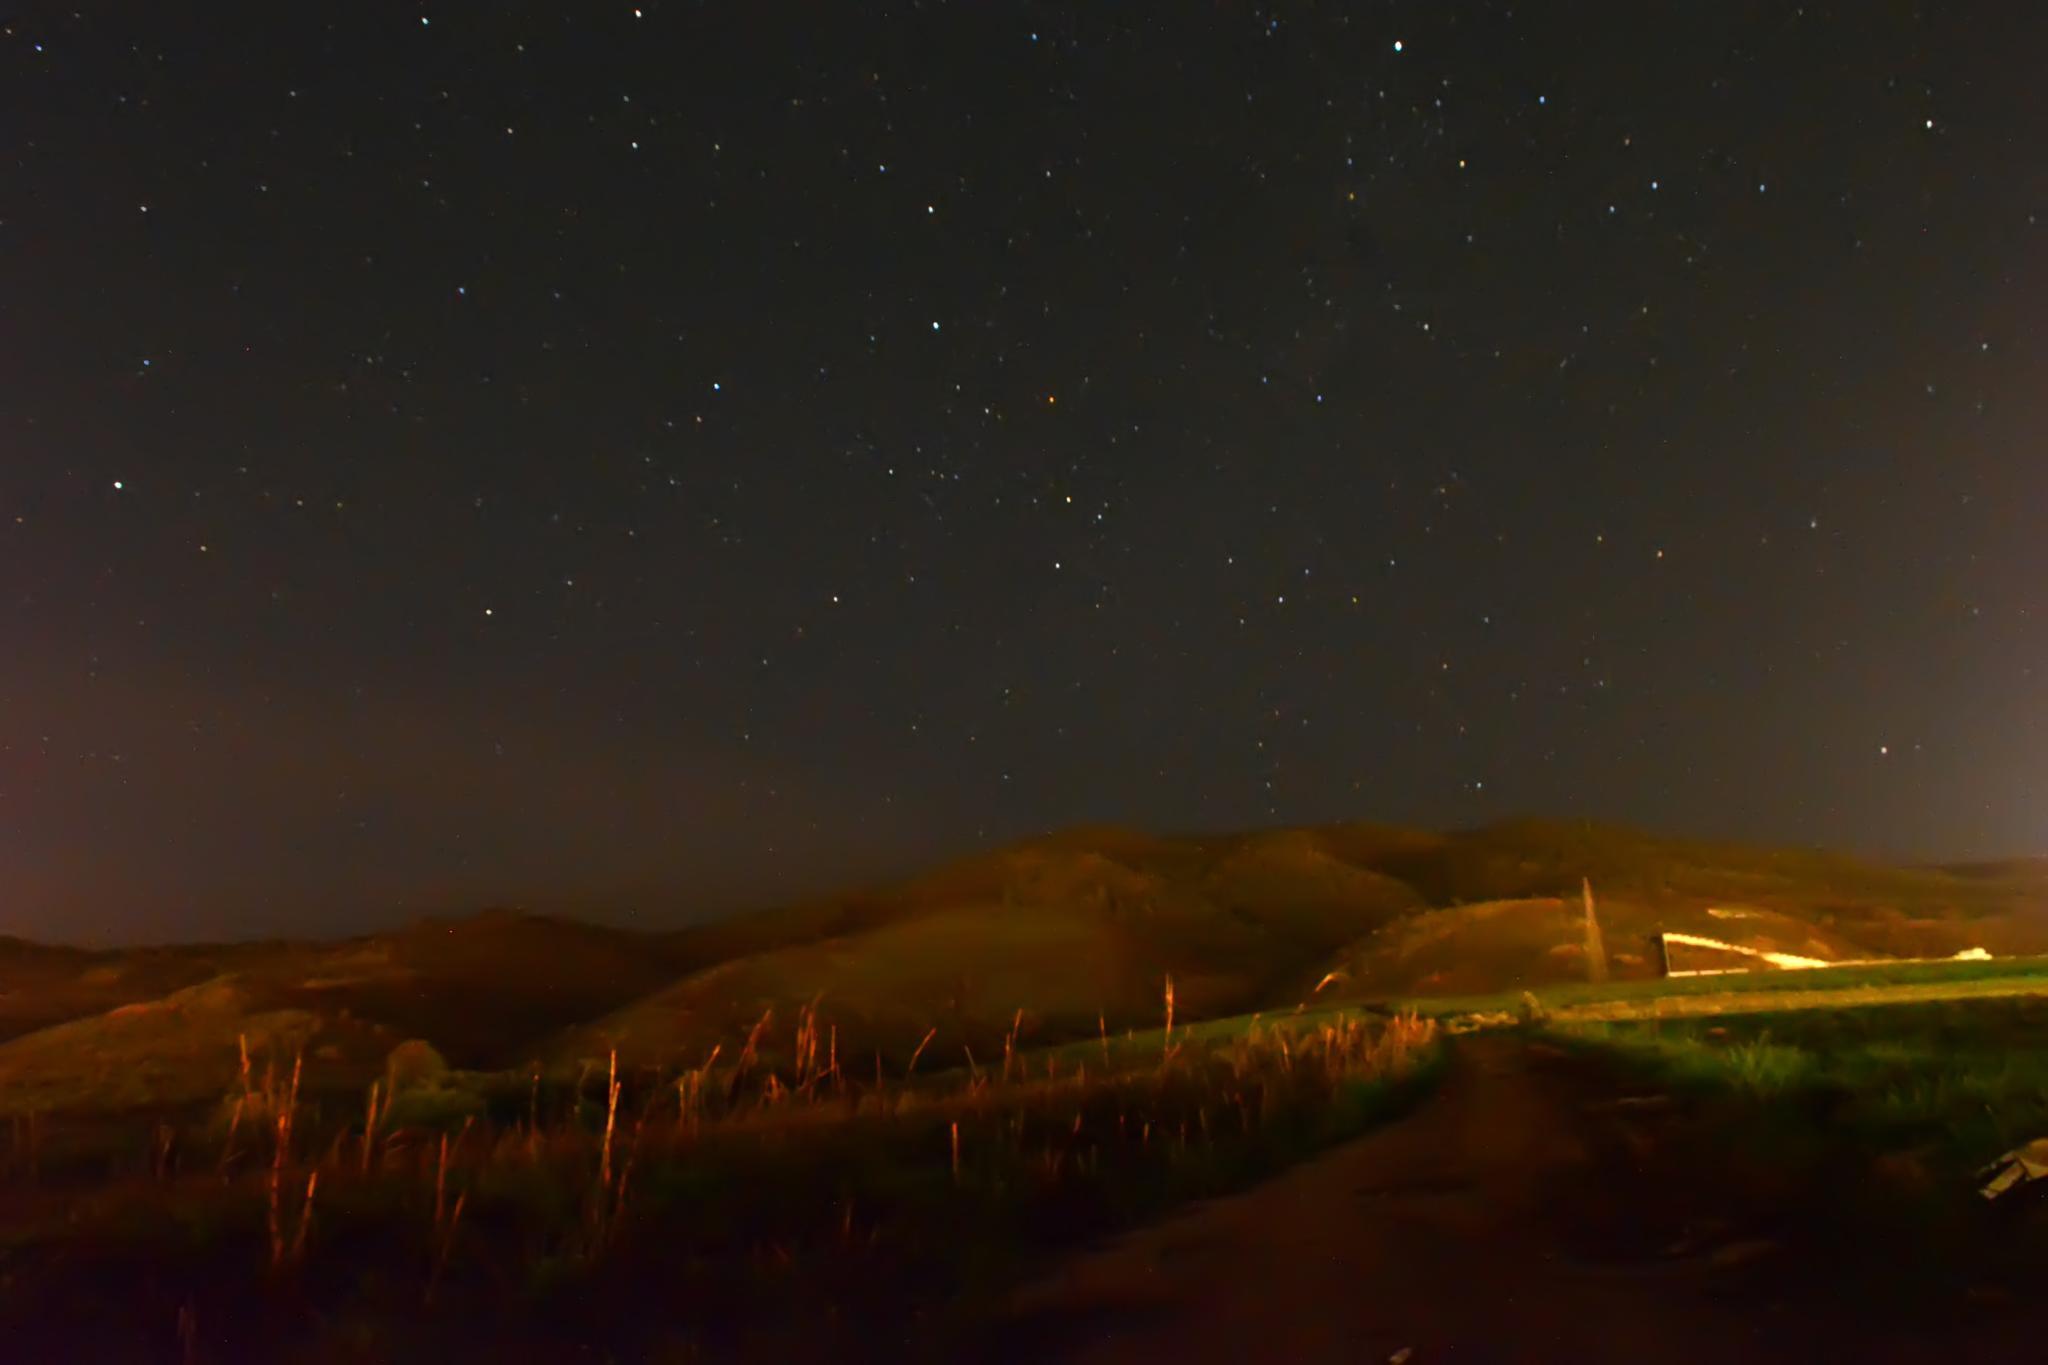 mas halla de las estrellas by f5.6 artstreet